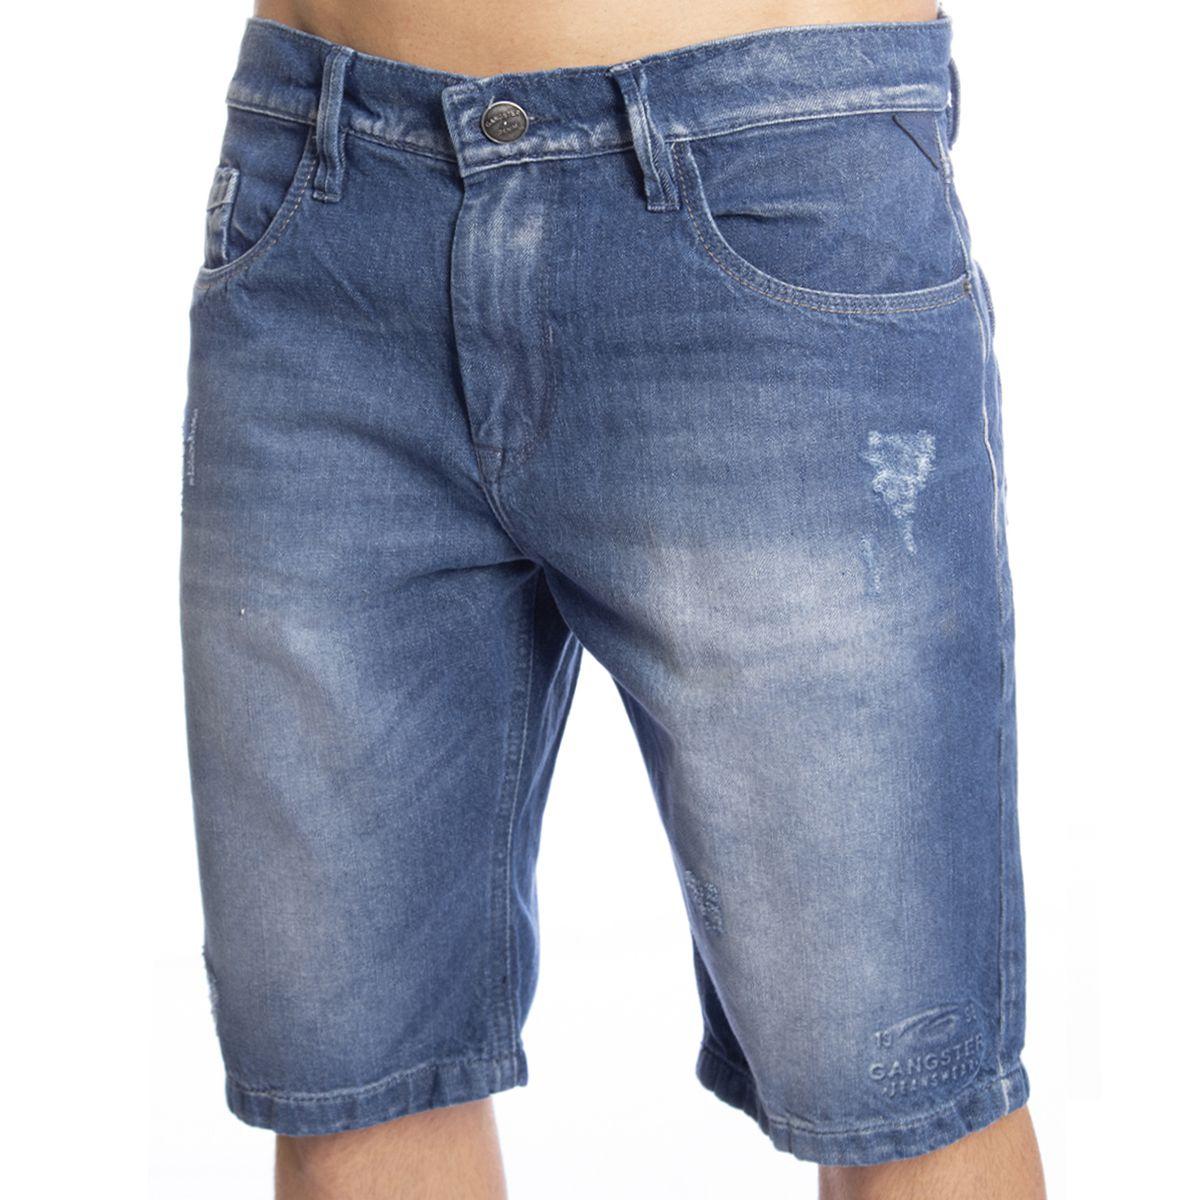 Bermuda Masculina Jeans Gangster 17.24.0111